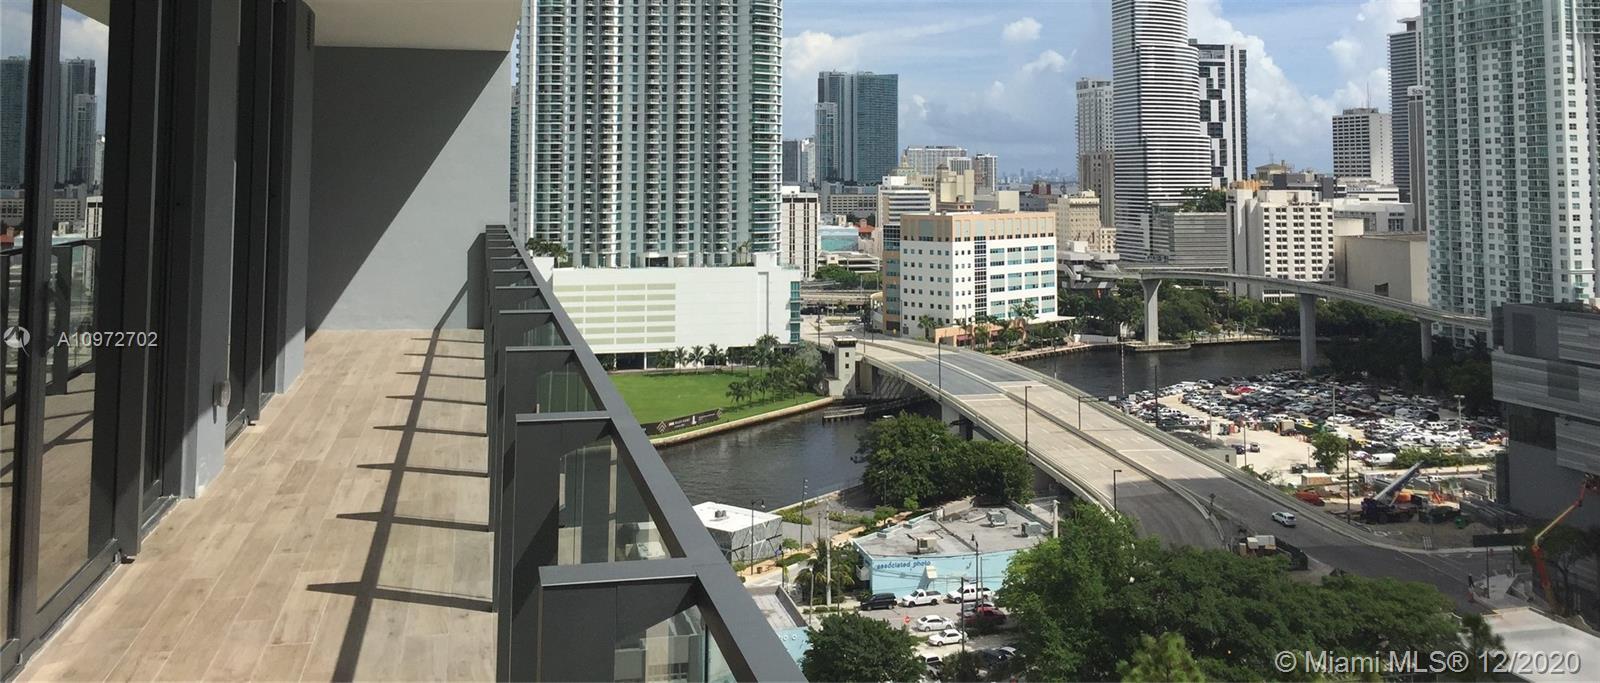 Rise Brickell City Centre #1205 - 88 SW 7 STREET #1205, Miami, FL 33131